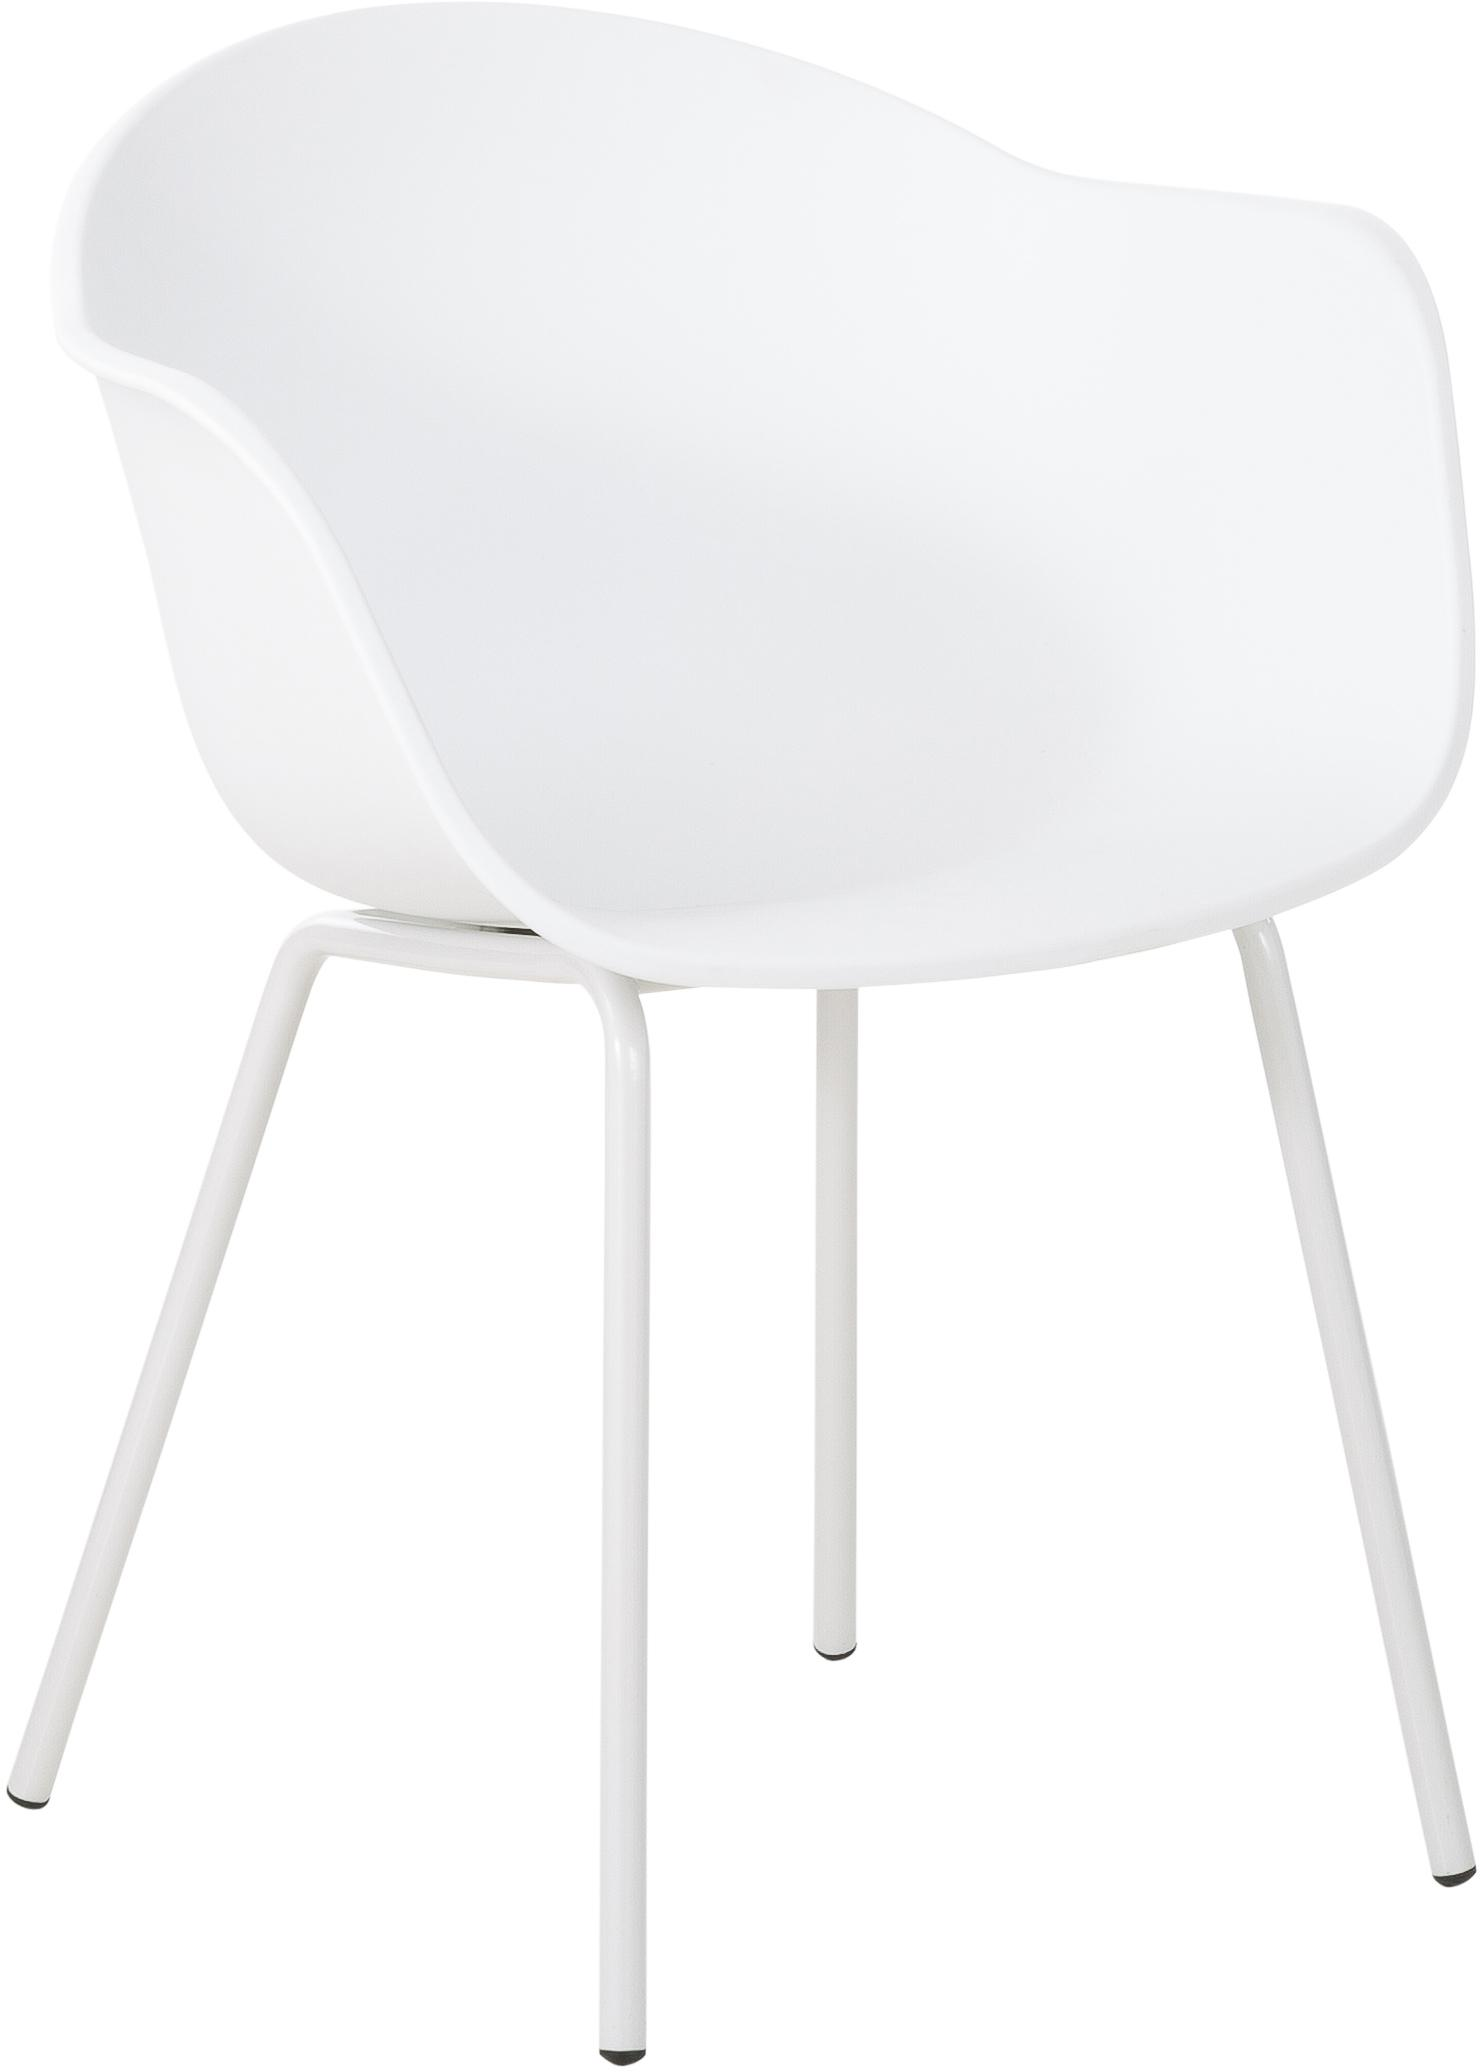 Silla con reposabrazos de plástico Claire, Asiento: plástico, Patas: metal con pintura en polv, Blanco, An 54 x F 60 cm